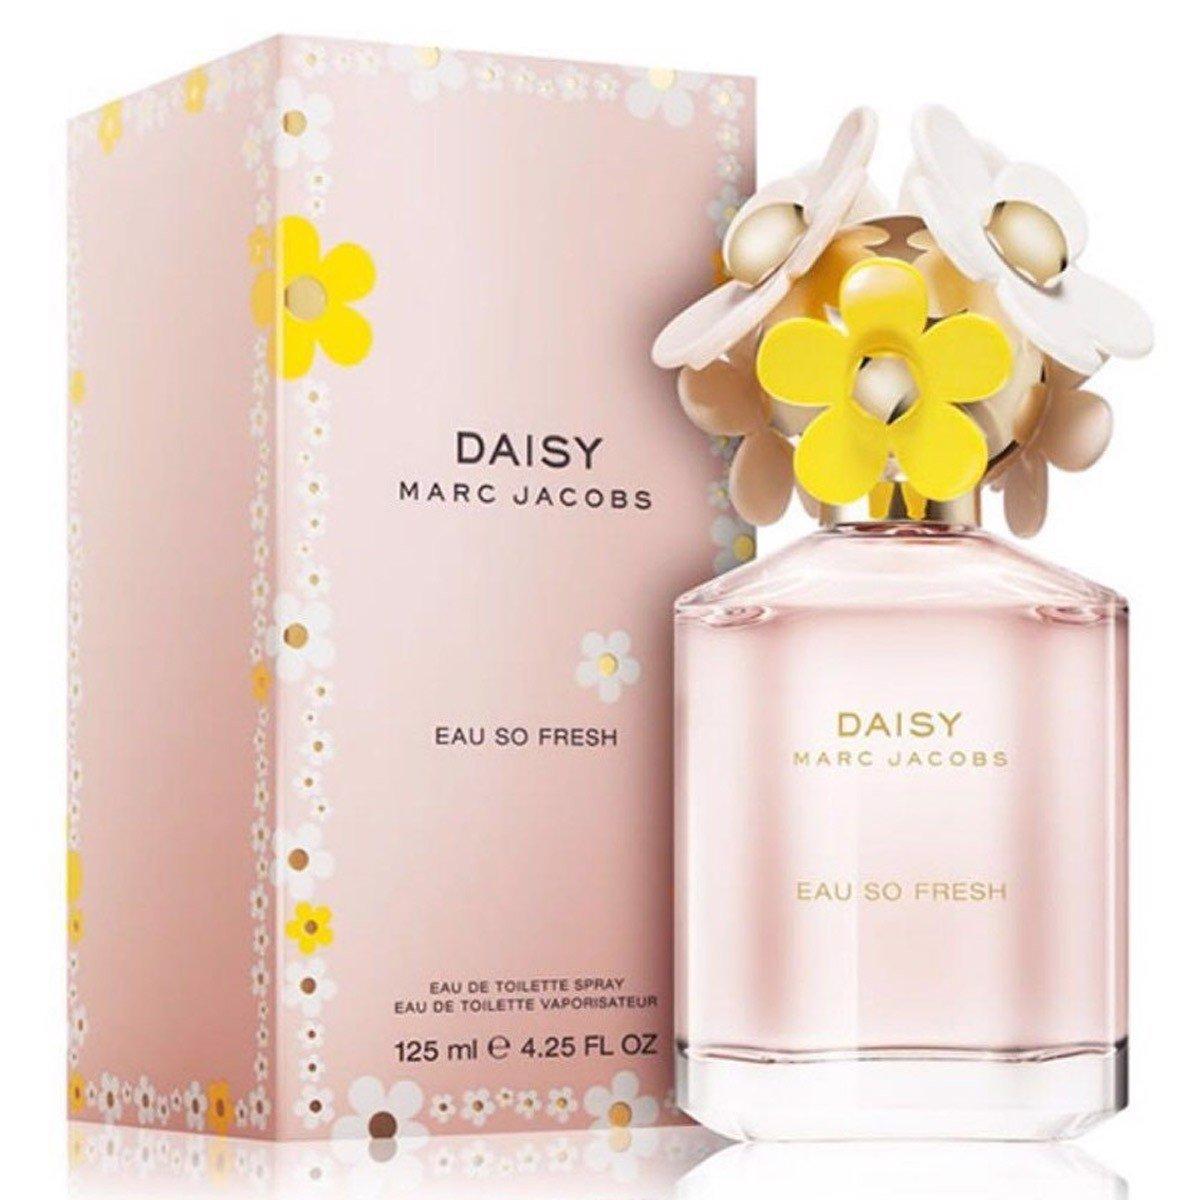 Nước hoa Marc Jacobs Daisy Eau So Fresh   namperfume